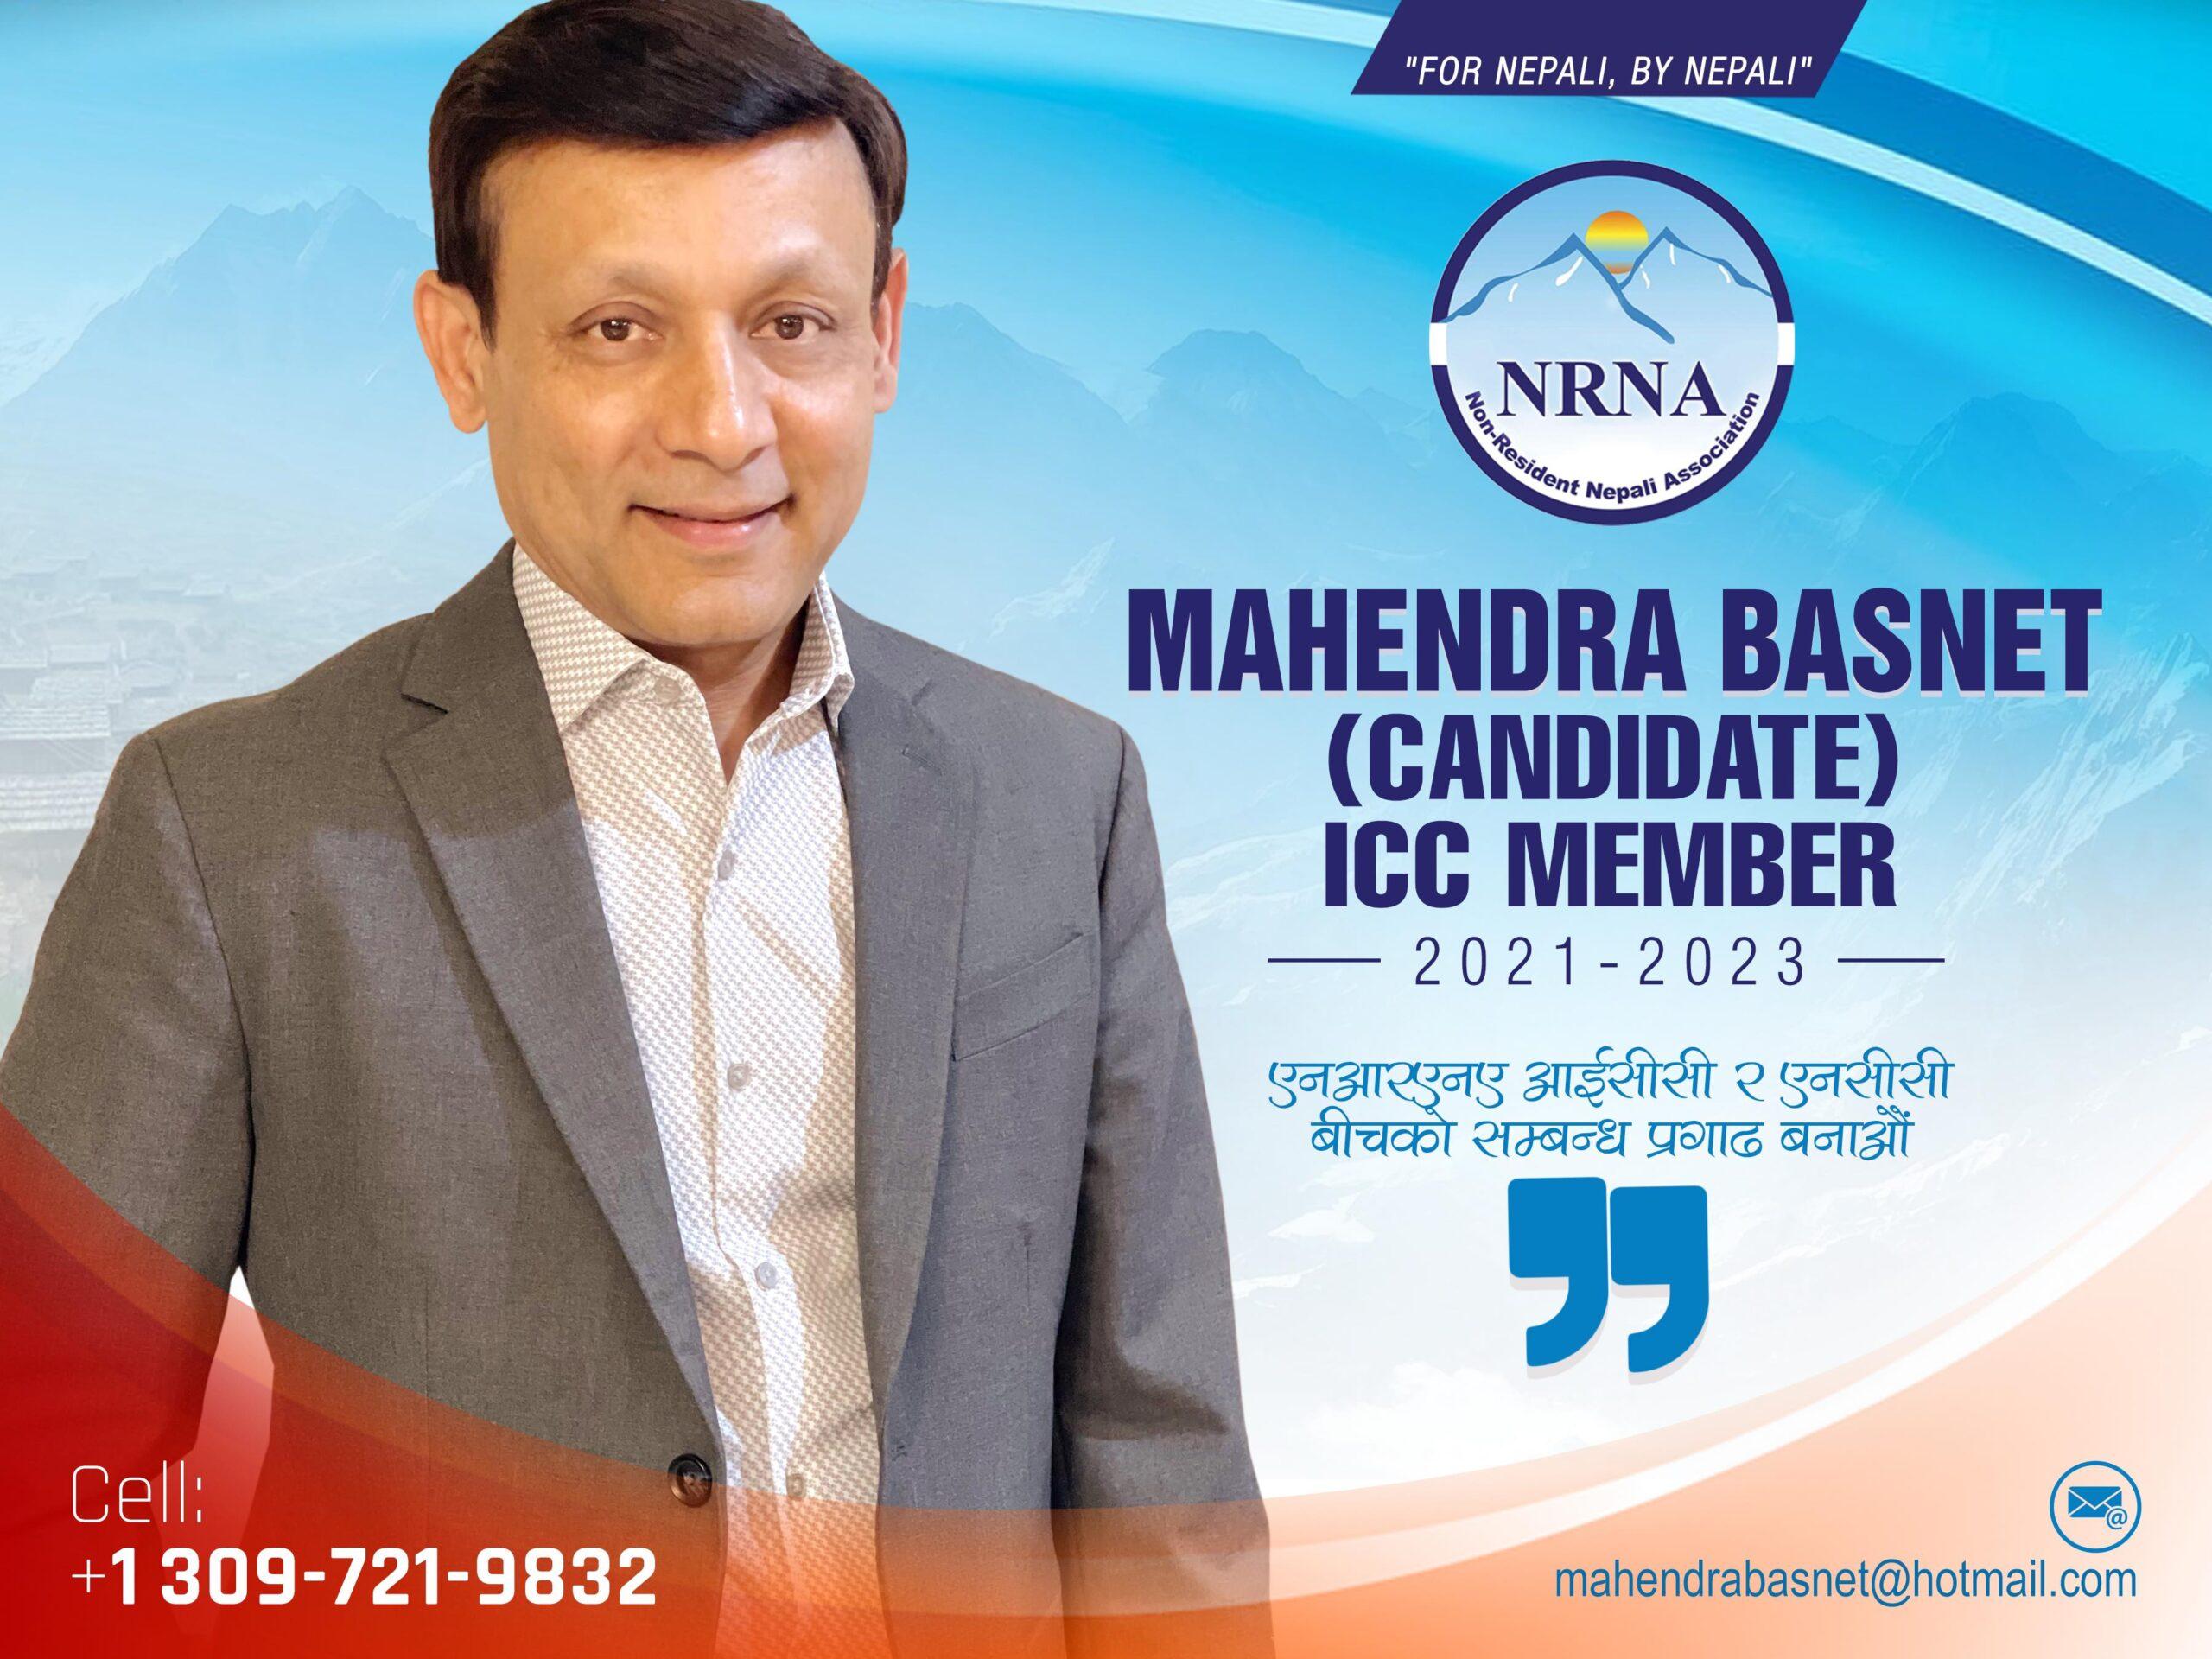 महेन्द्र बस्नेत, एनआरएनए आईसिसी सदस्य पदका उम्मेद्वार